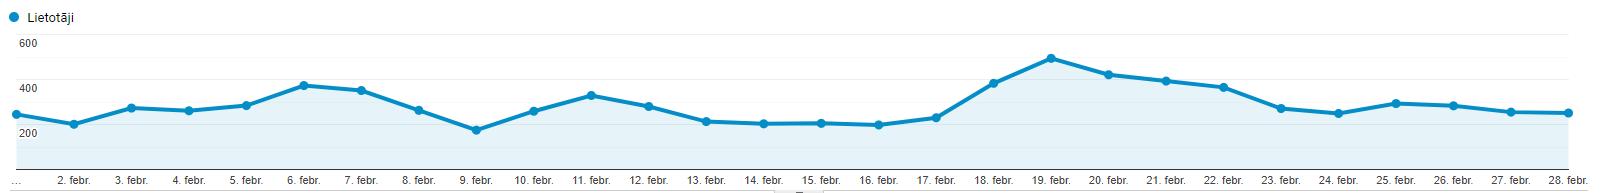 traffic-report-february